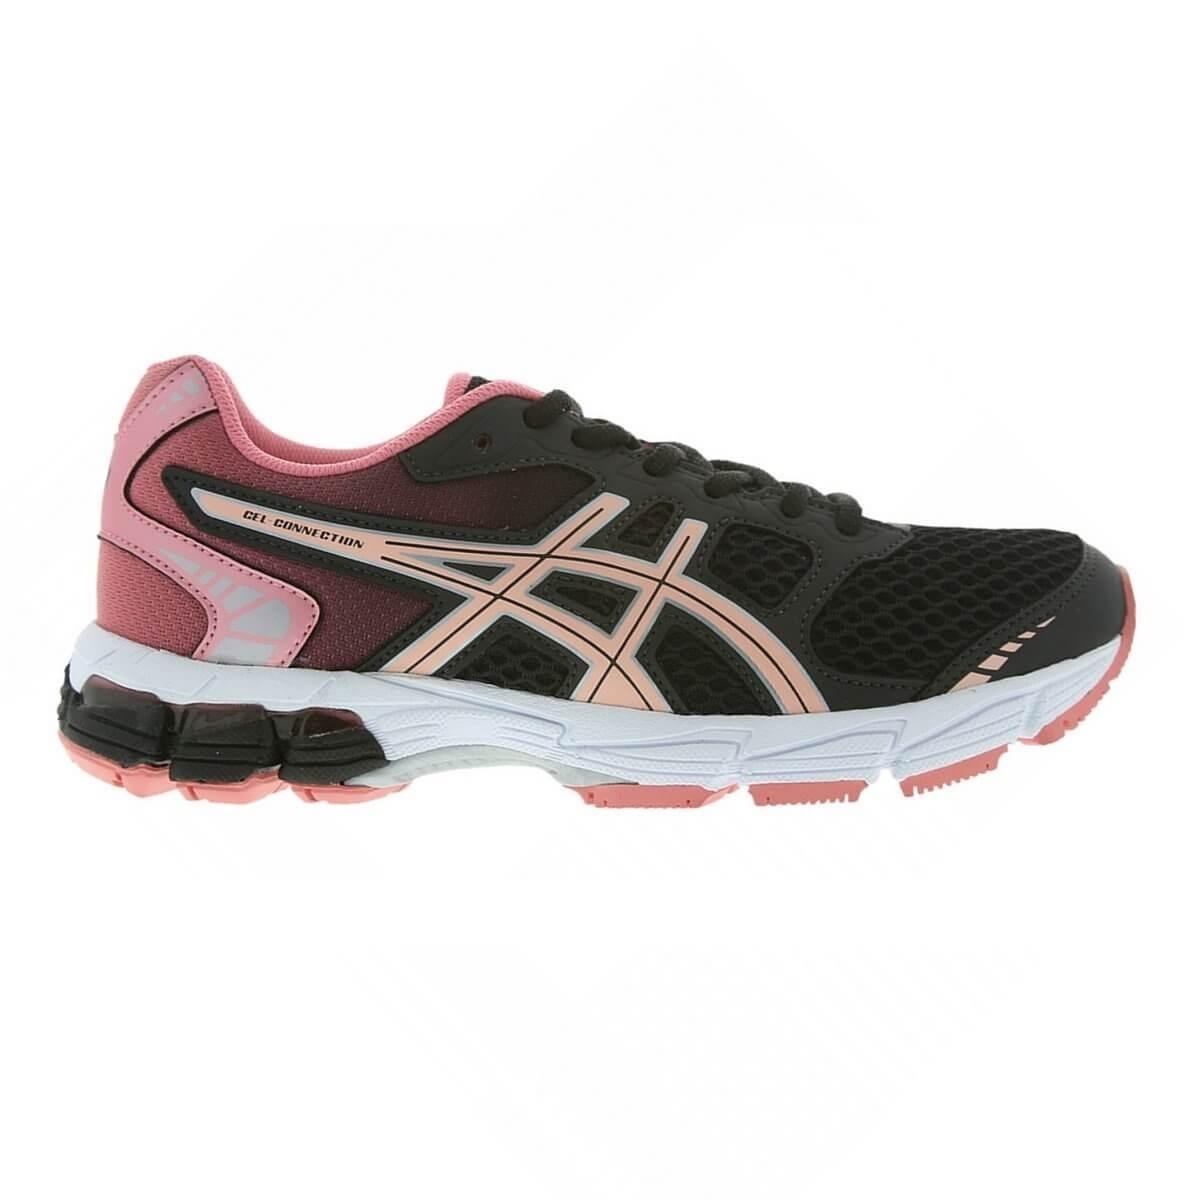 78d56037746 nuevas zapatillas asics gel connection de mujer para running. Cargando zoom.